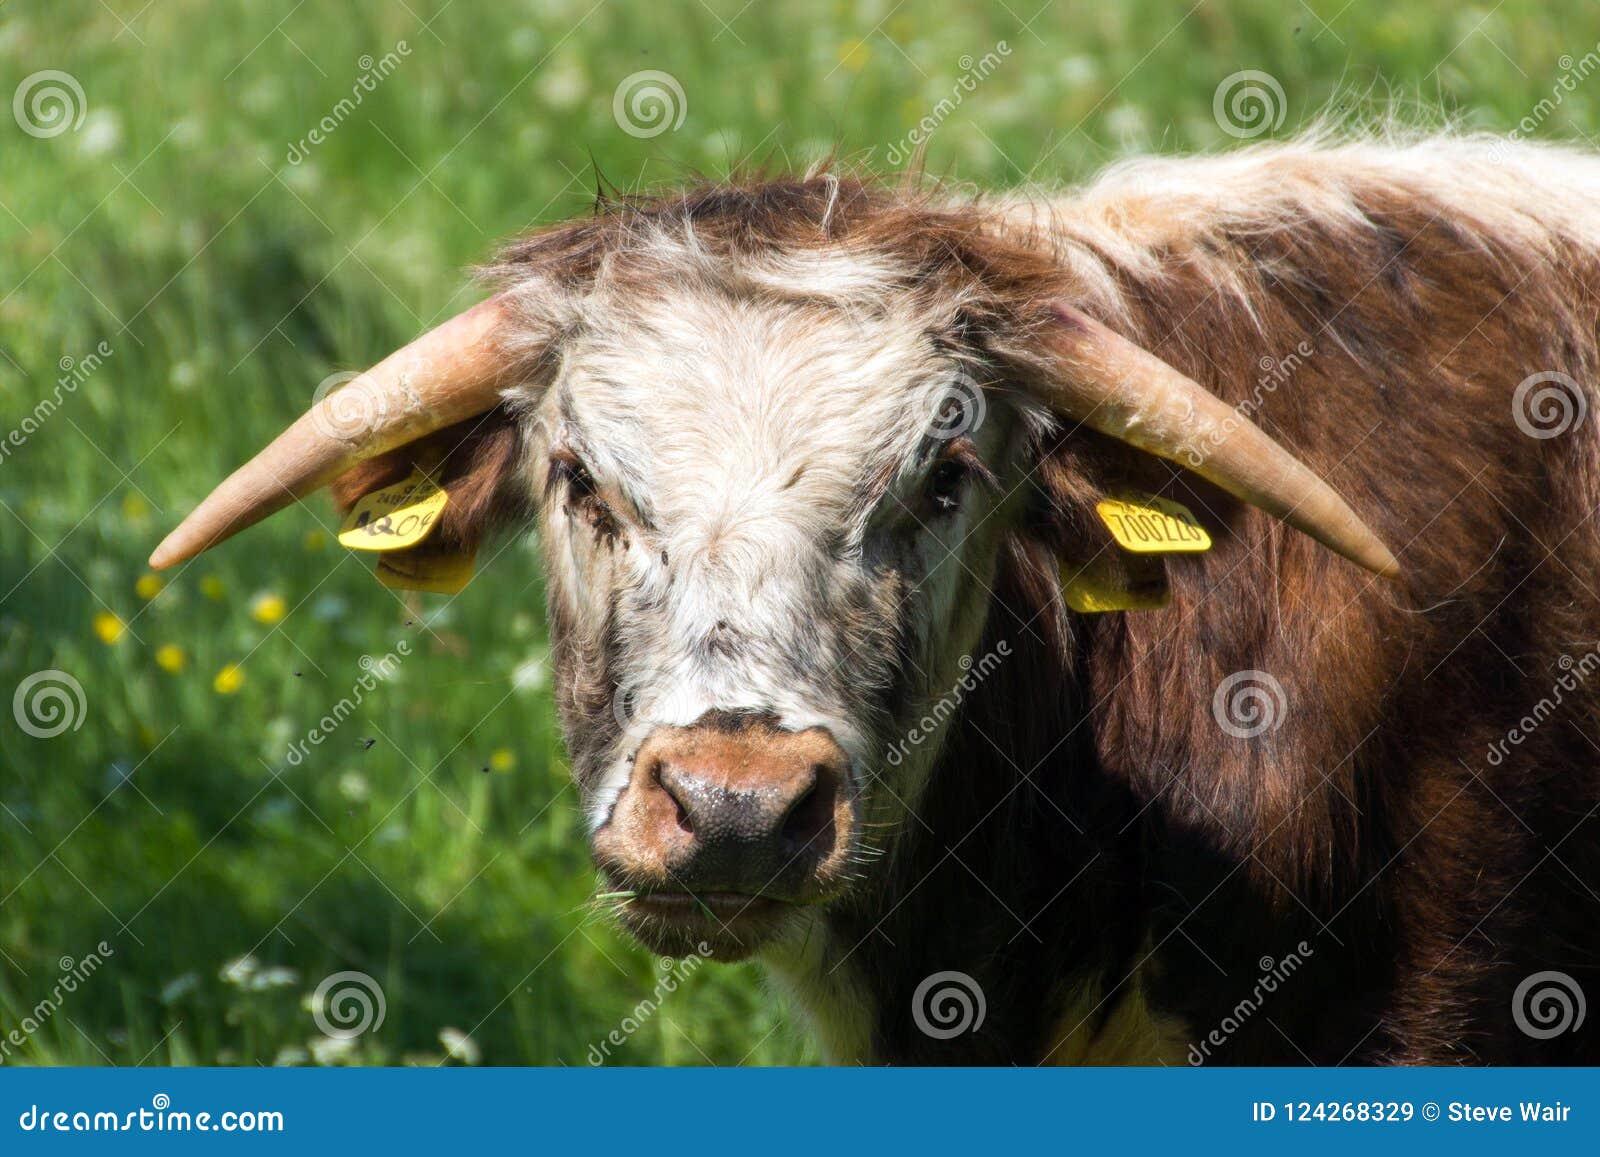 Long Horn Cattle Grazing In Pishiobury Park, Hertfordshire